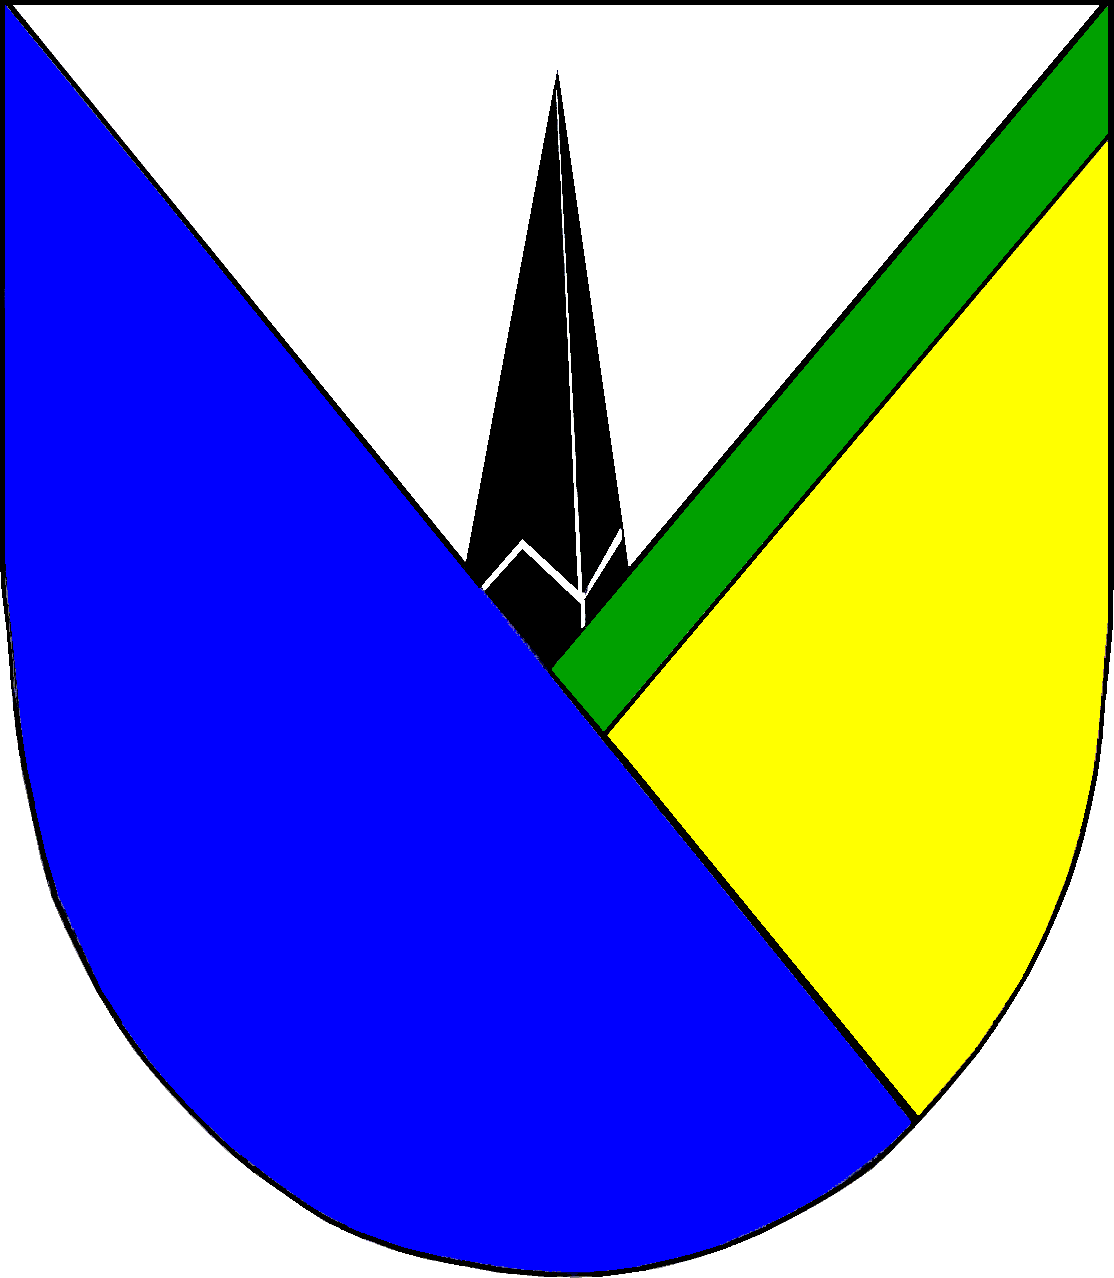 Galmsbuell Wappen.png